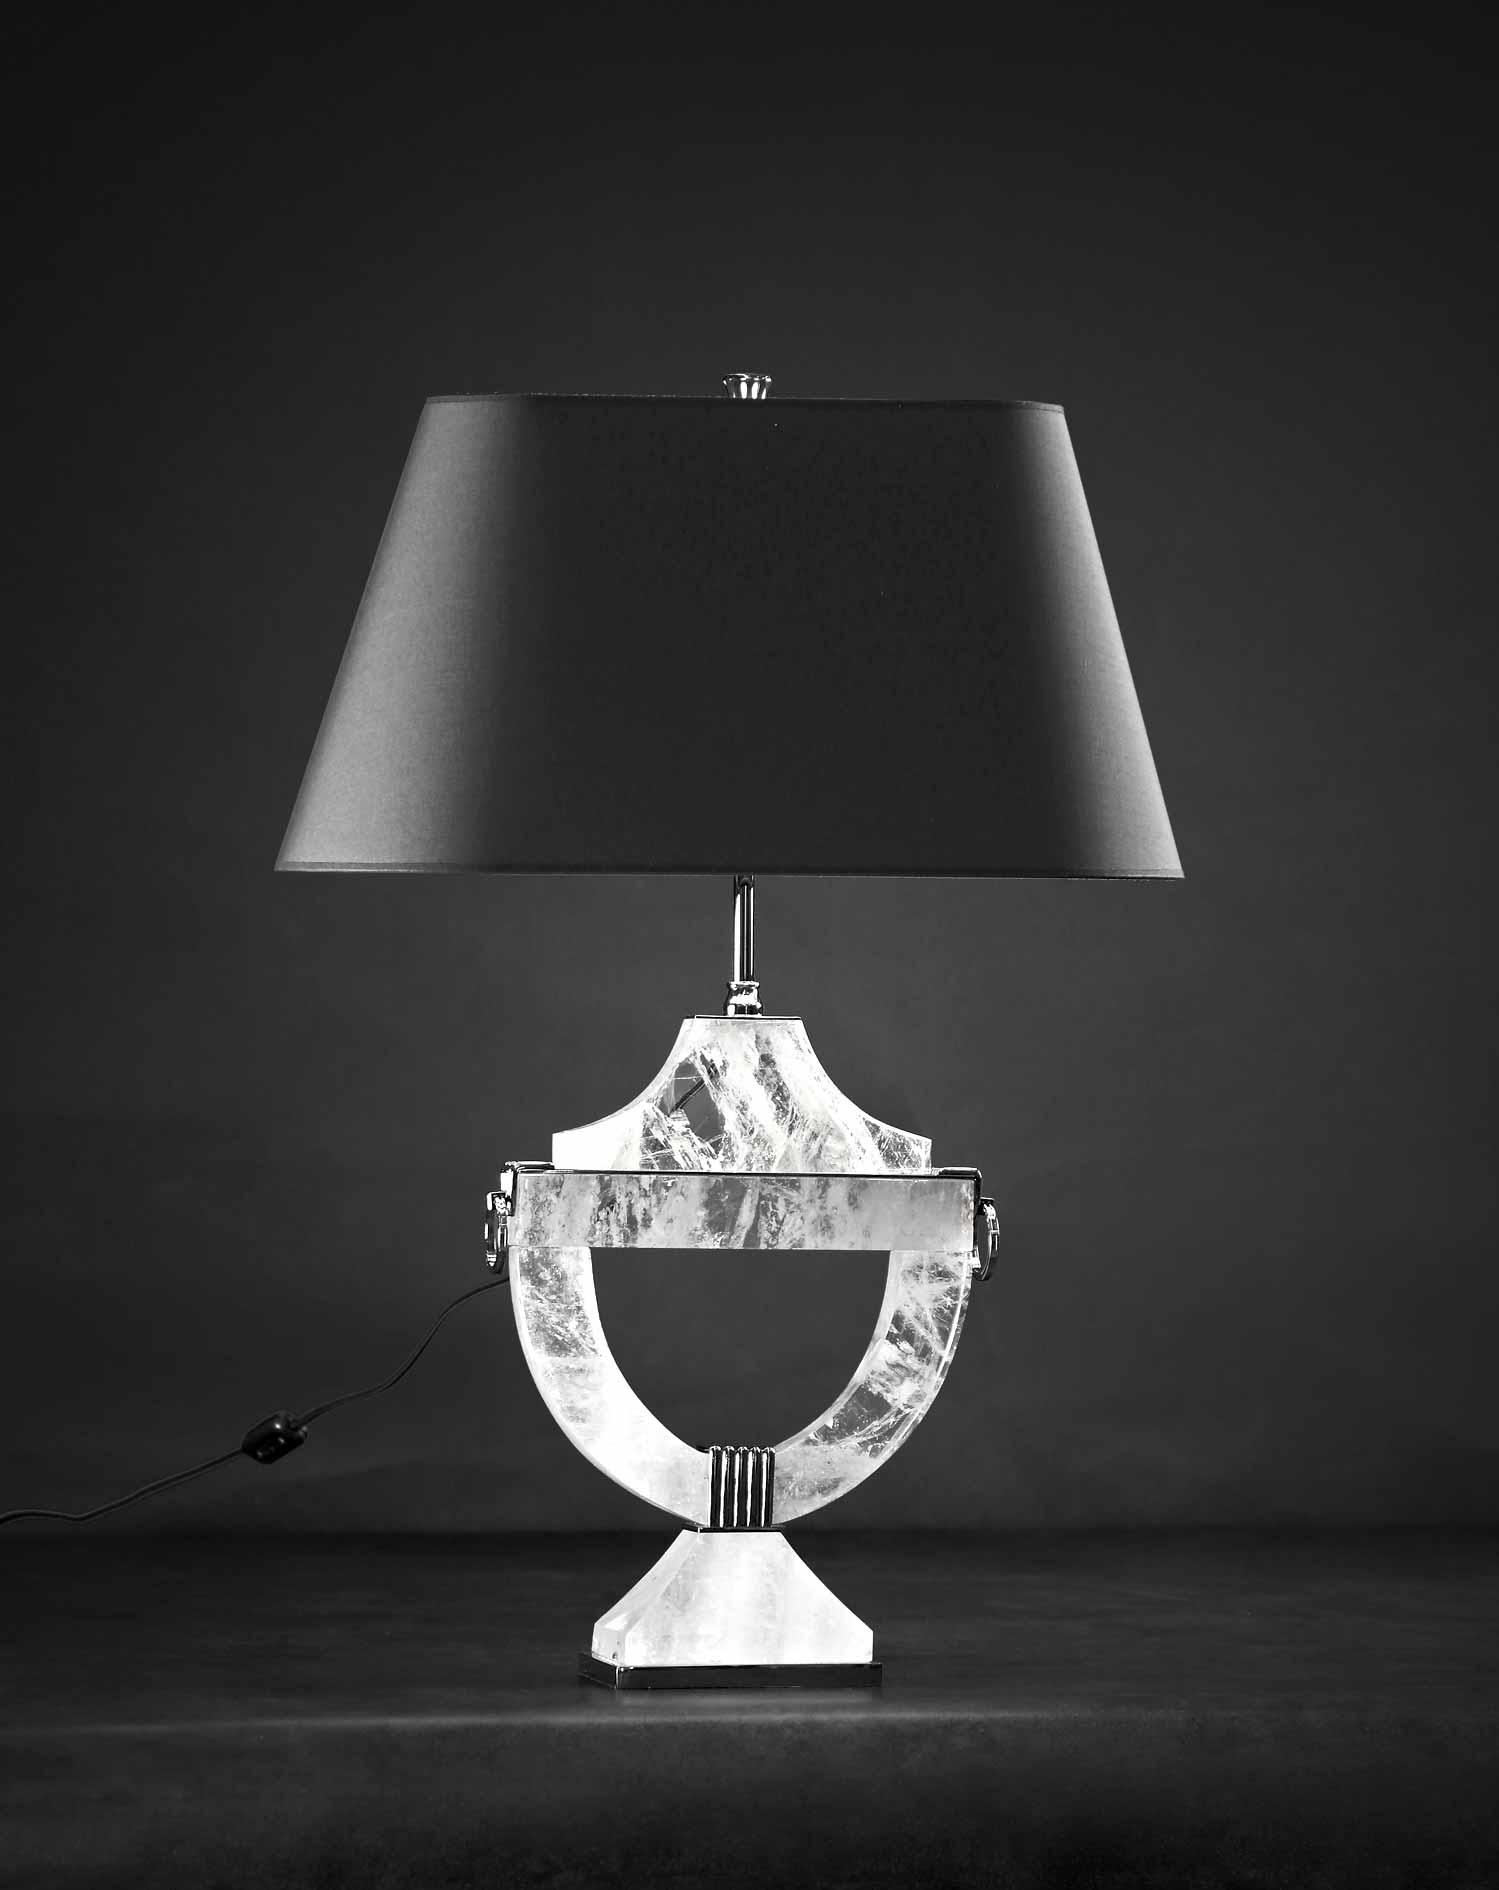 Lampes & lampadaires - 13675